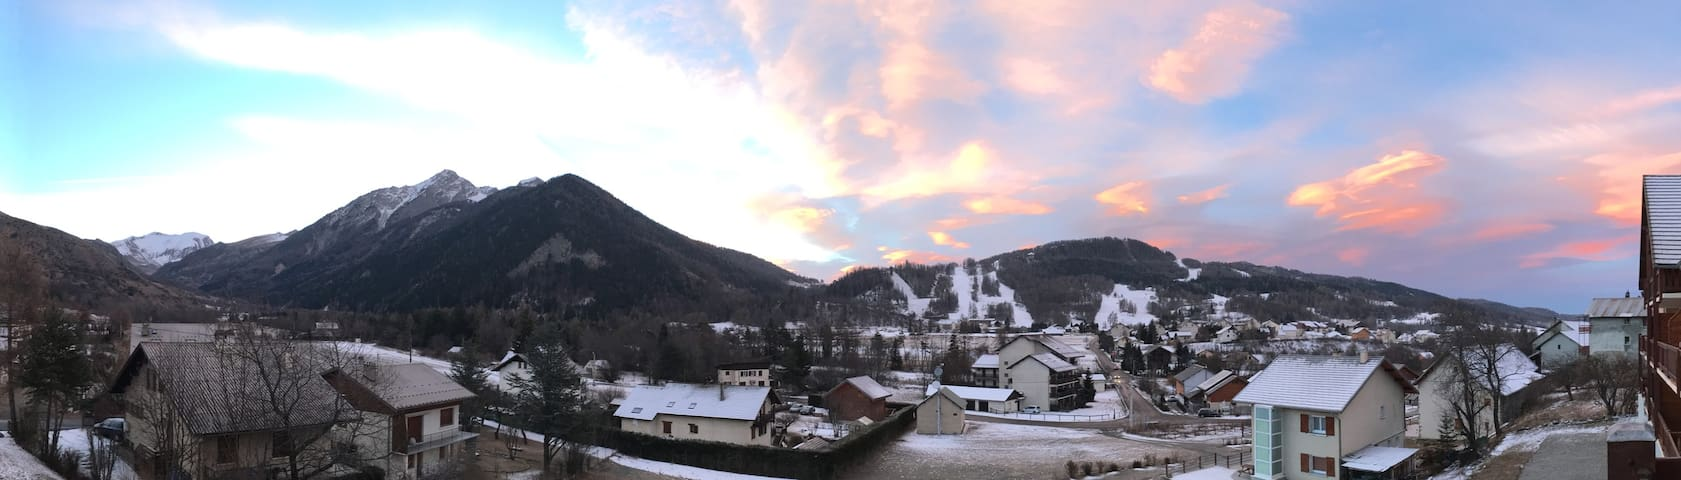 Apparemment avec vue sur les pistes de ski